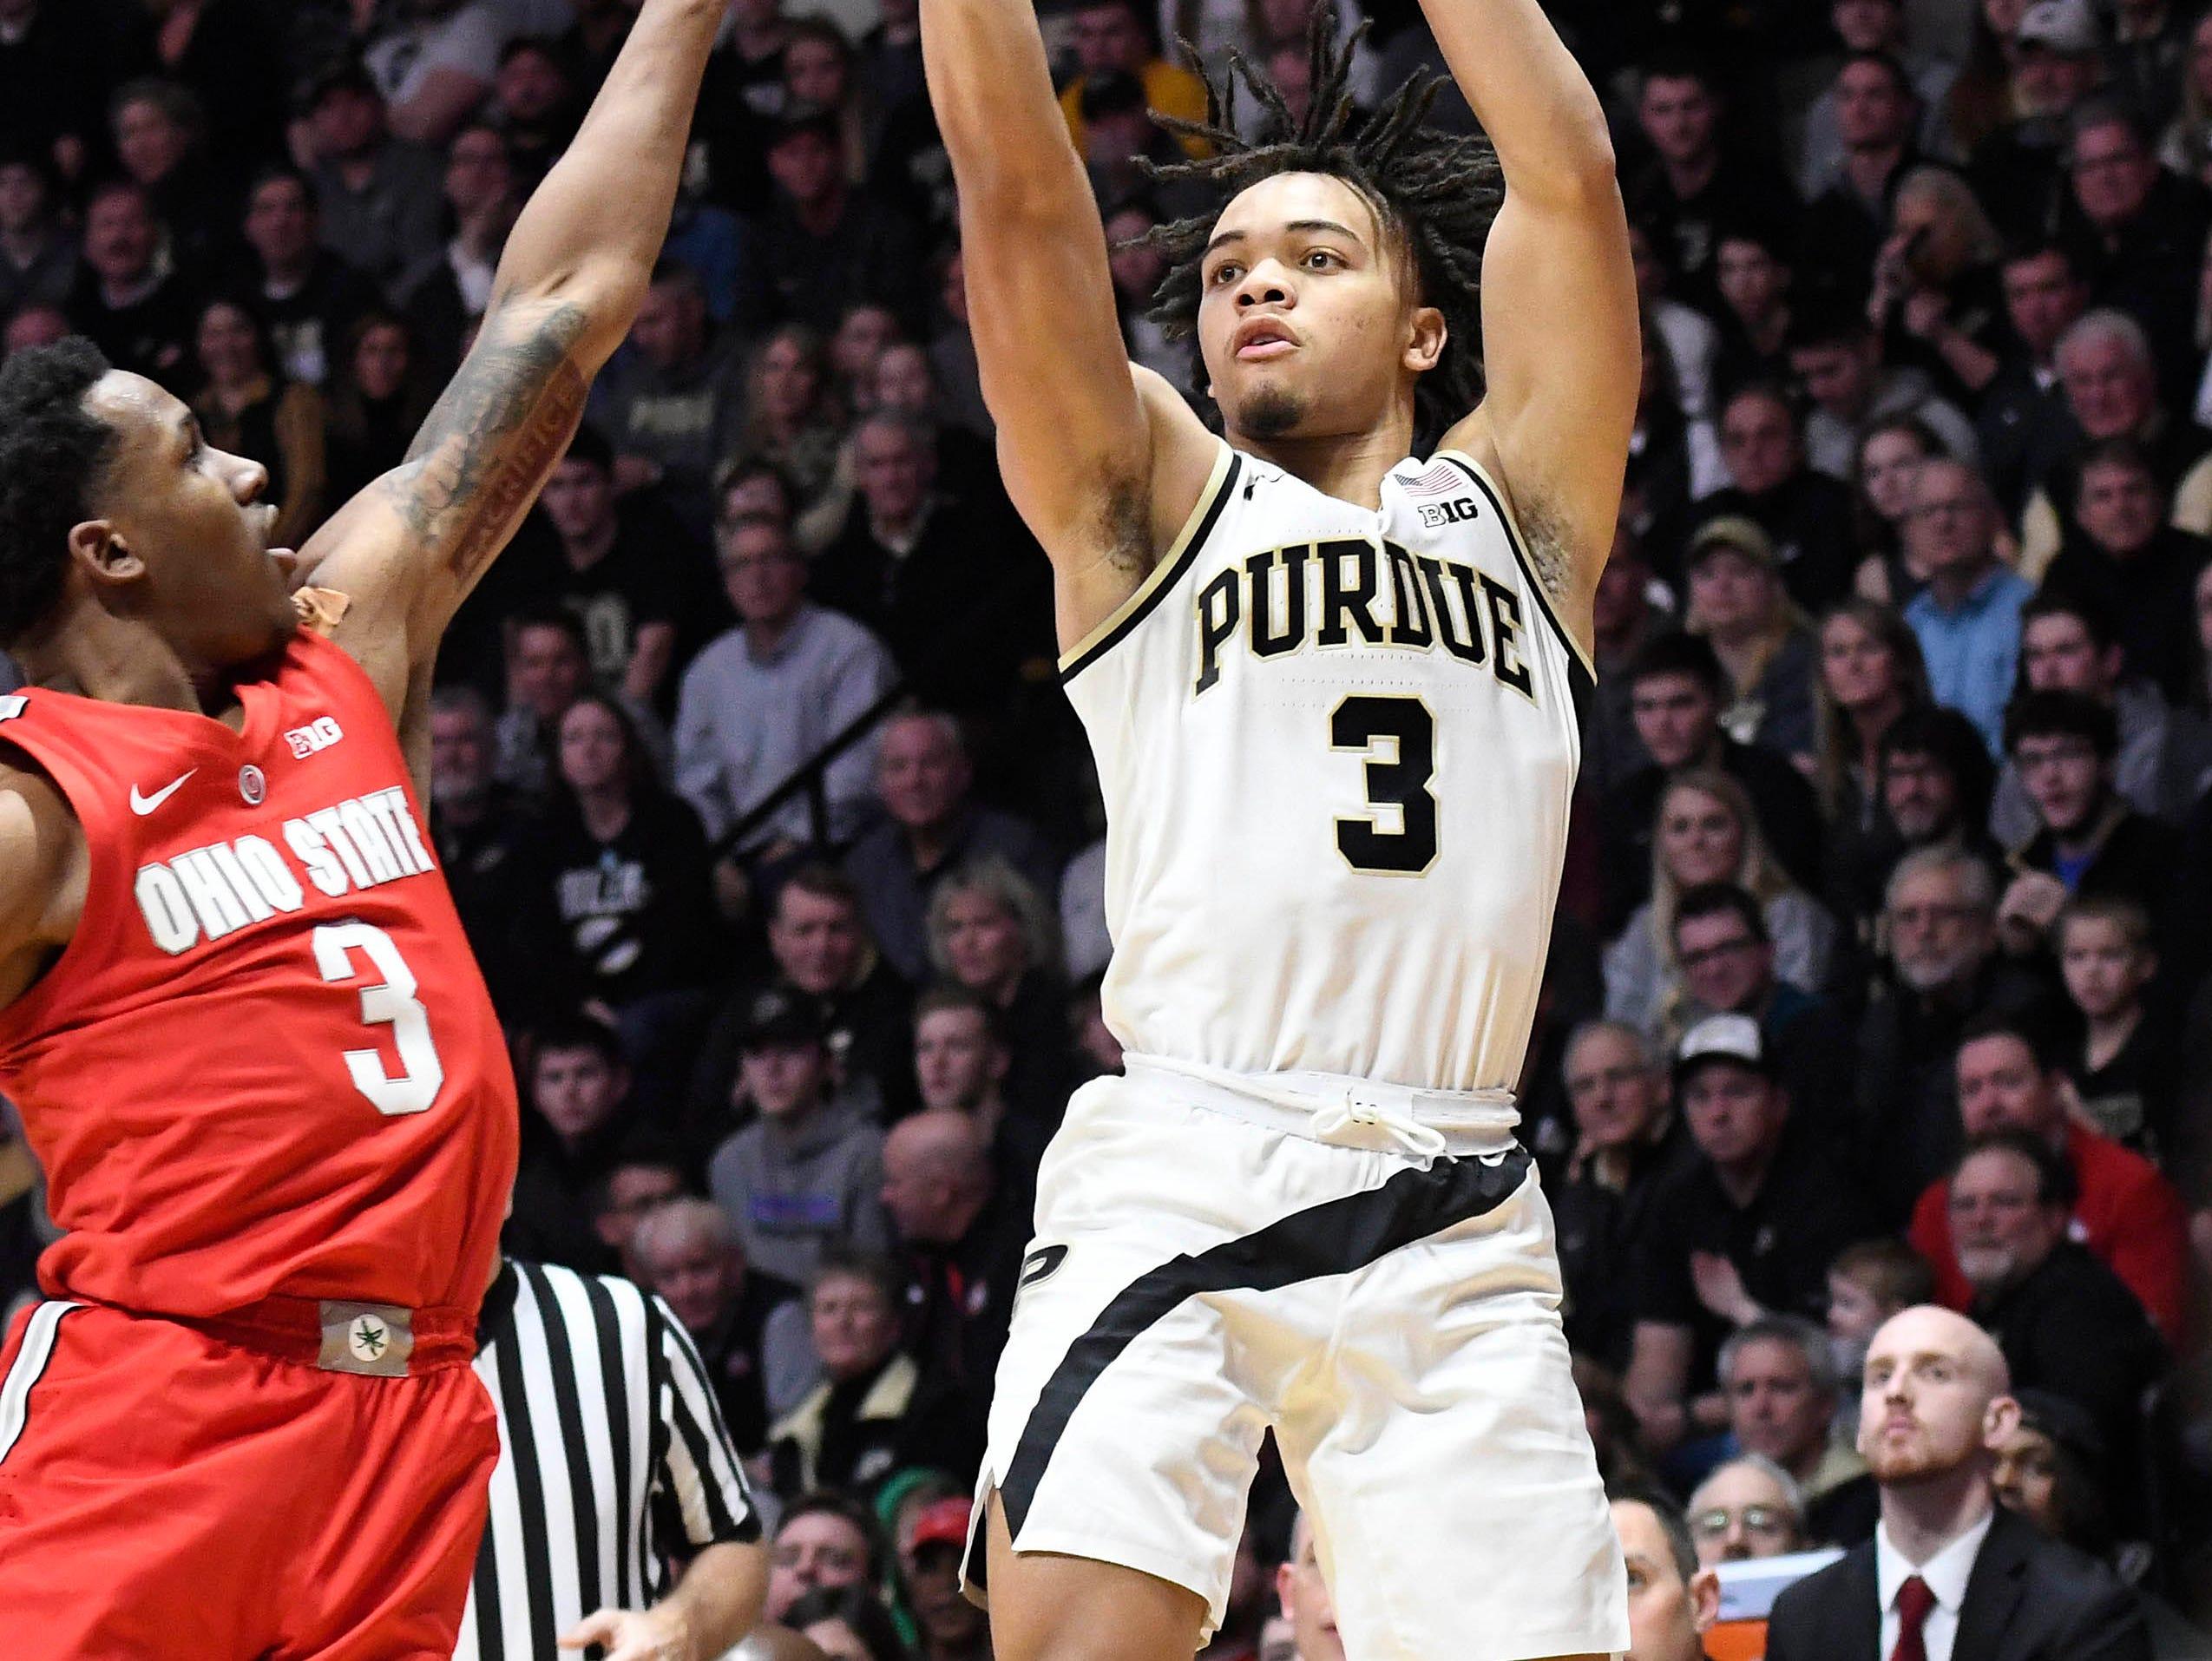 Purdue basketball insider Nathan Baird's All-Big Ten ballots